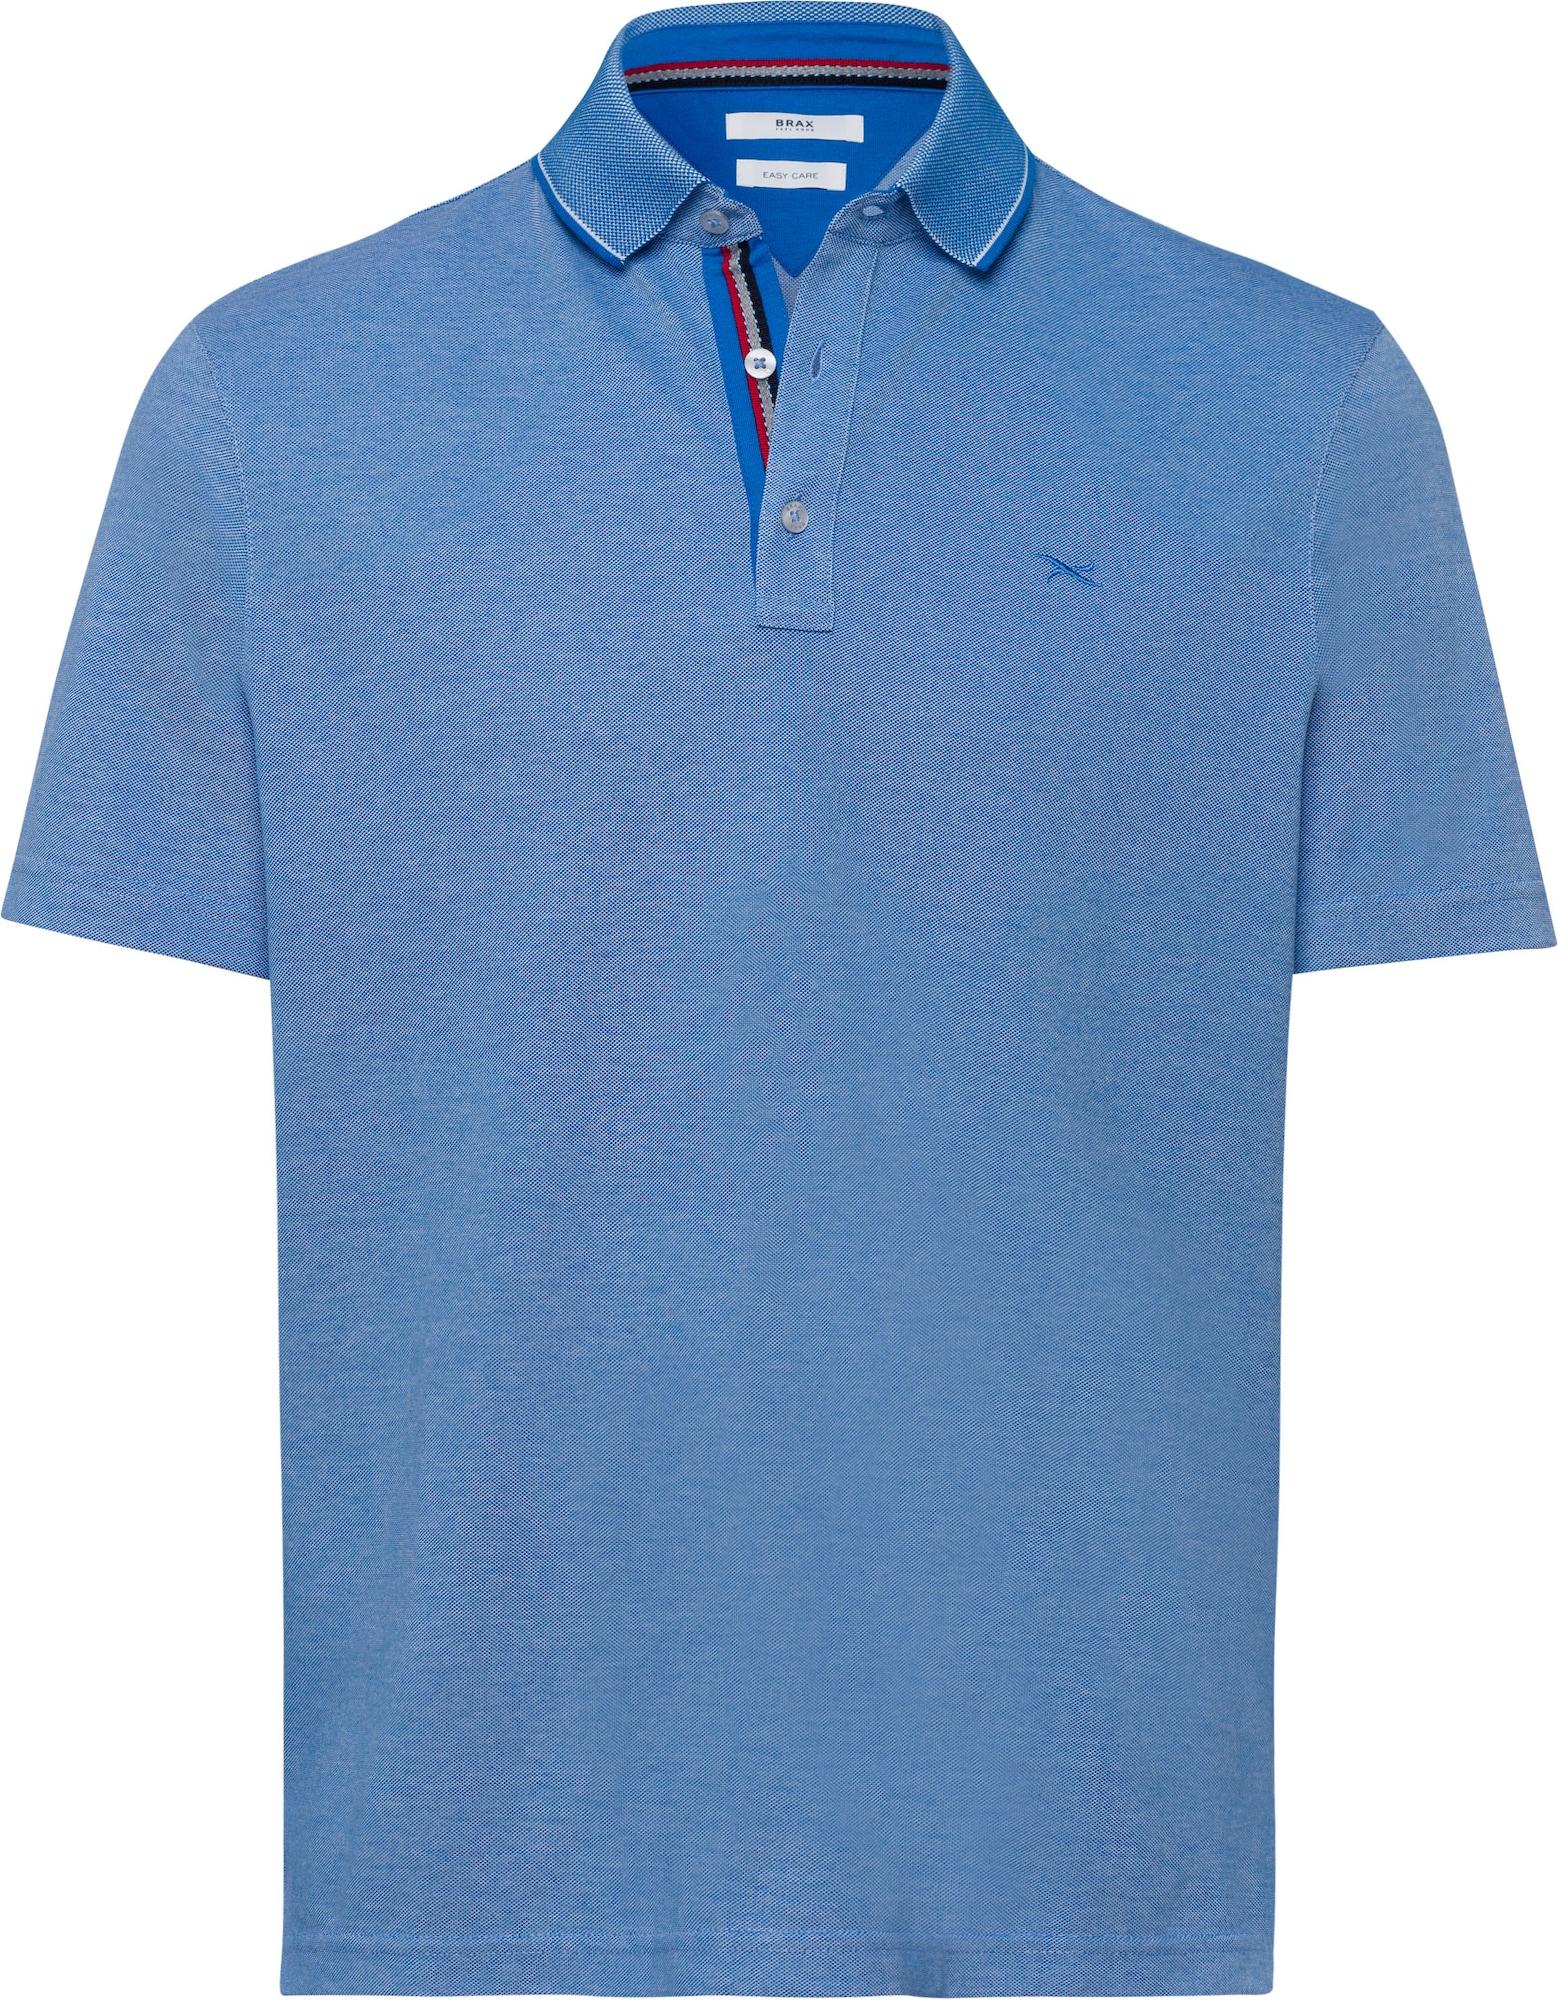 BRAX Marškinėliai mėlyna / raudona / dangaus žydra